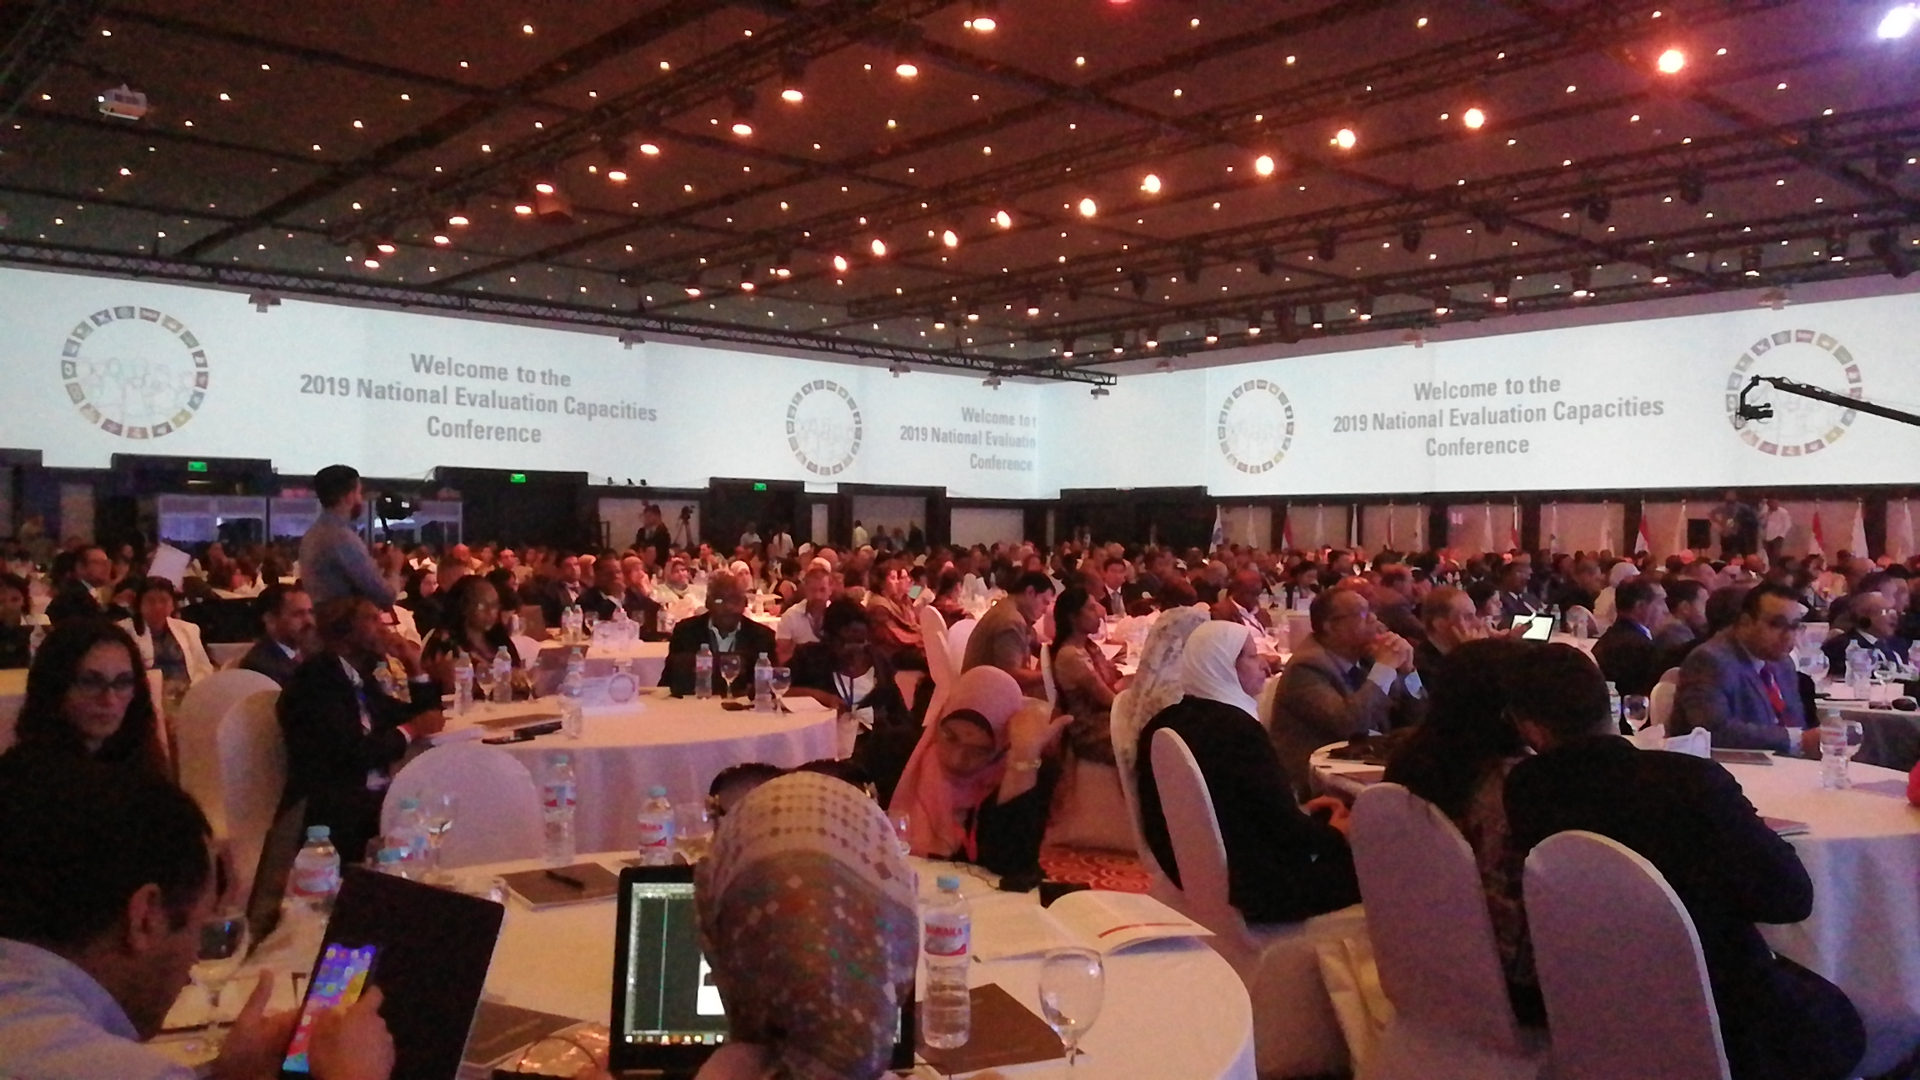 الجلسة الافتتاحية من النسخة السادسة لمؤتمر قدرات التقييم الوطنية 2019 المنعقد بالغردقة اليوم (2)